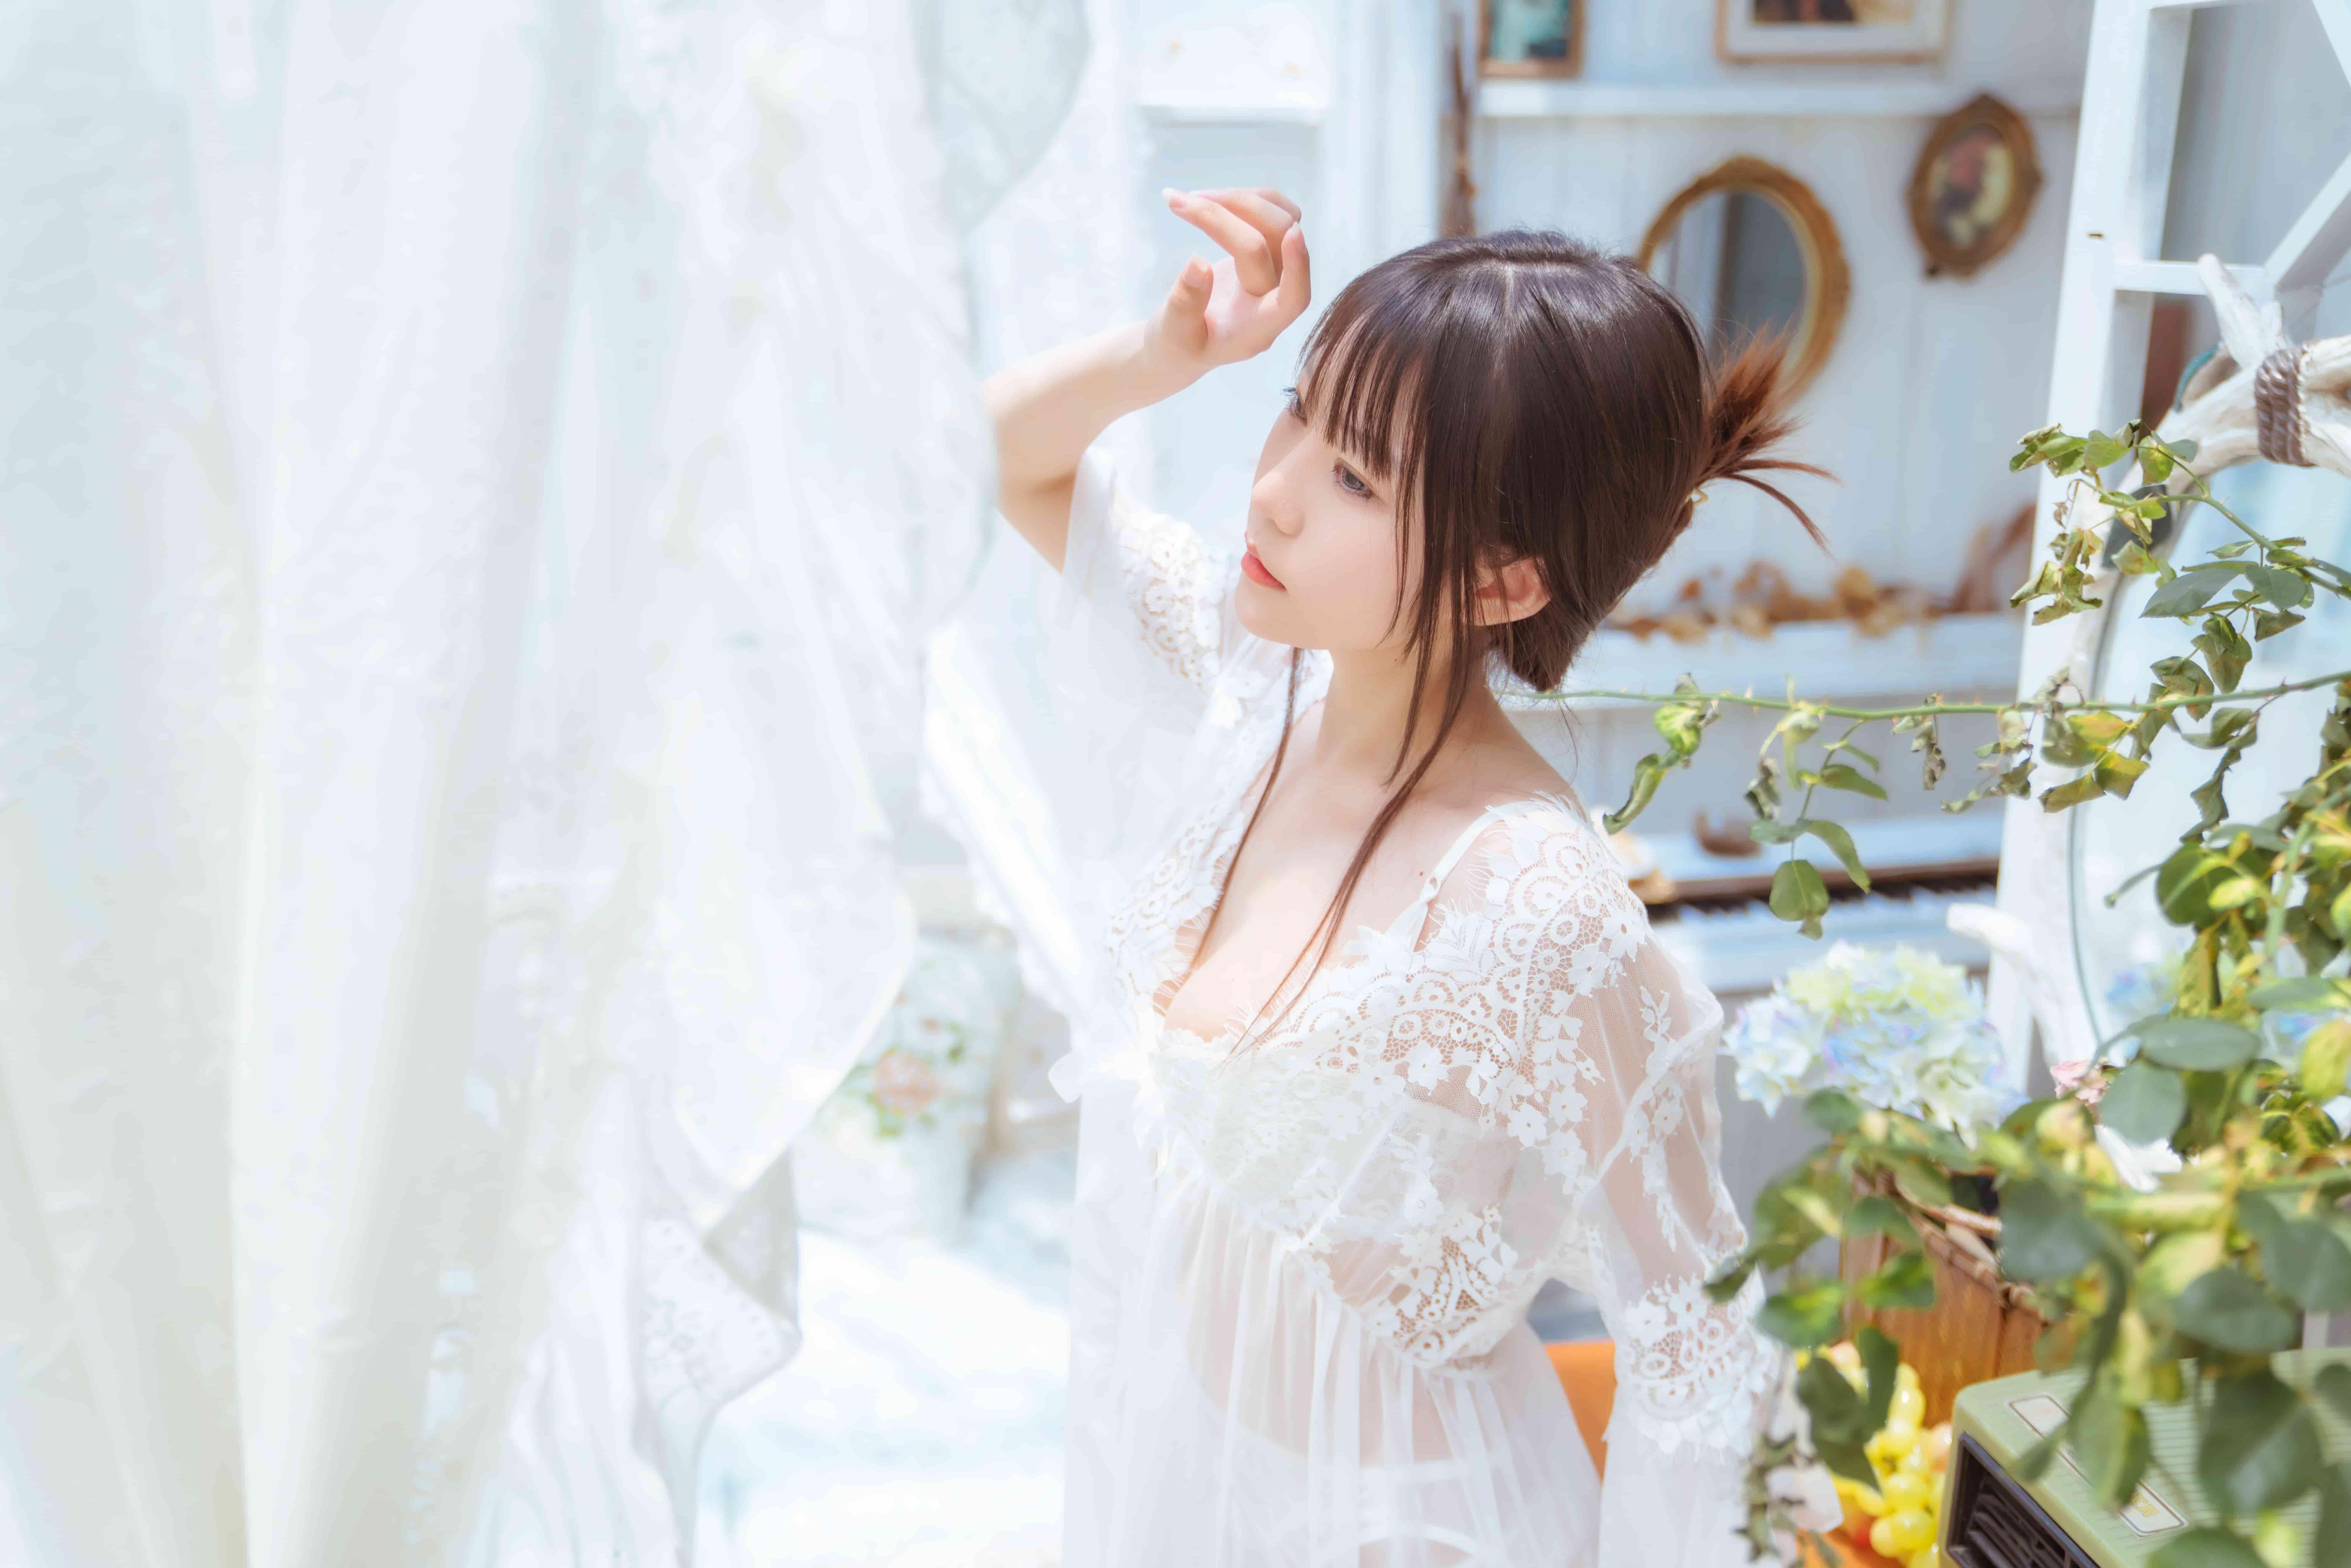 香草喵露露-玻璃房少女[79P-1.13G]